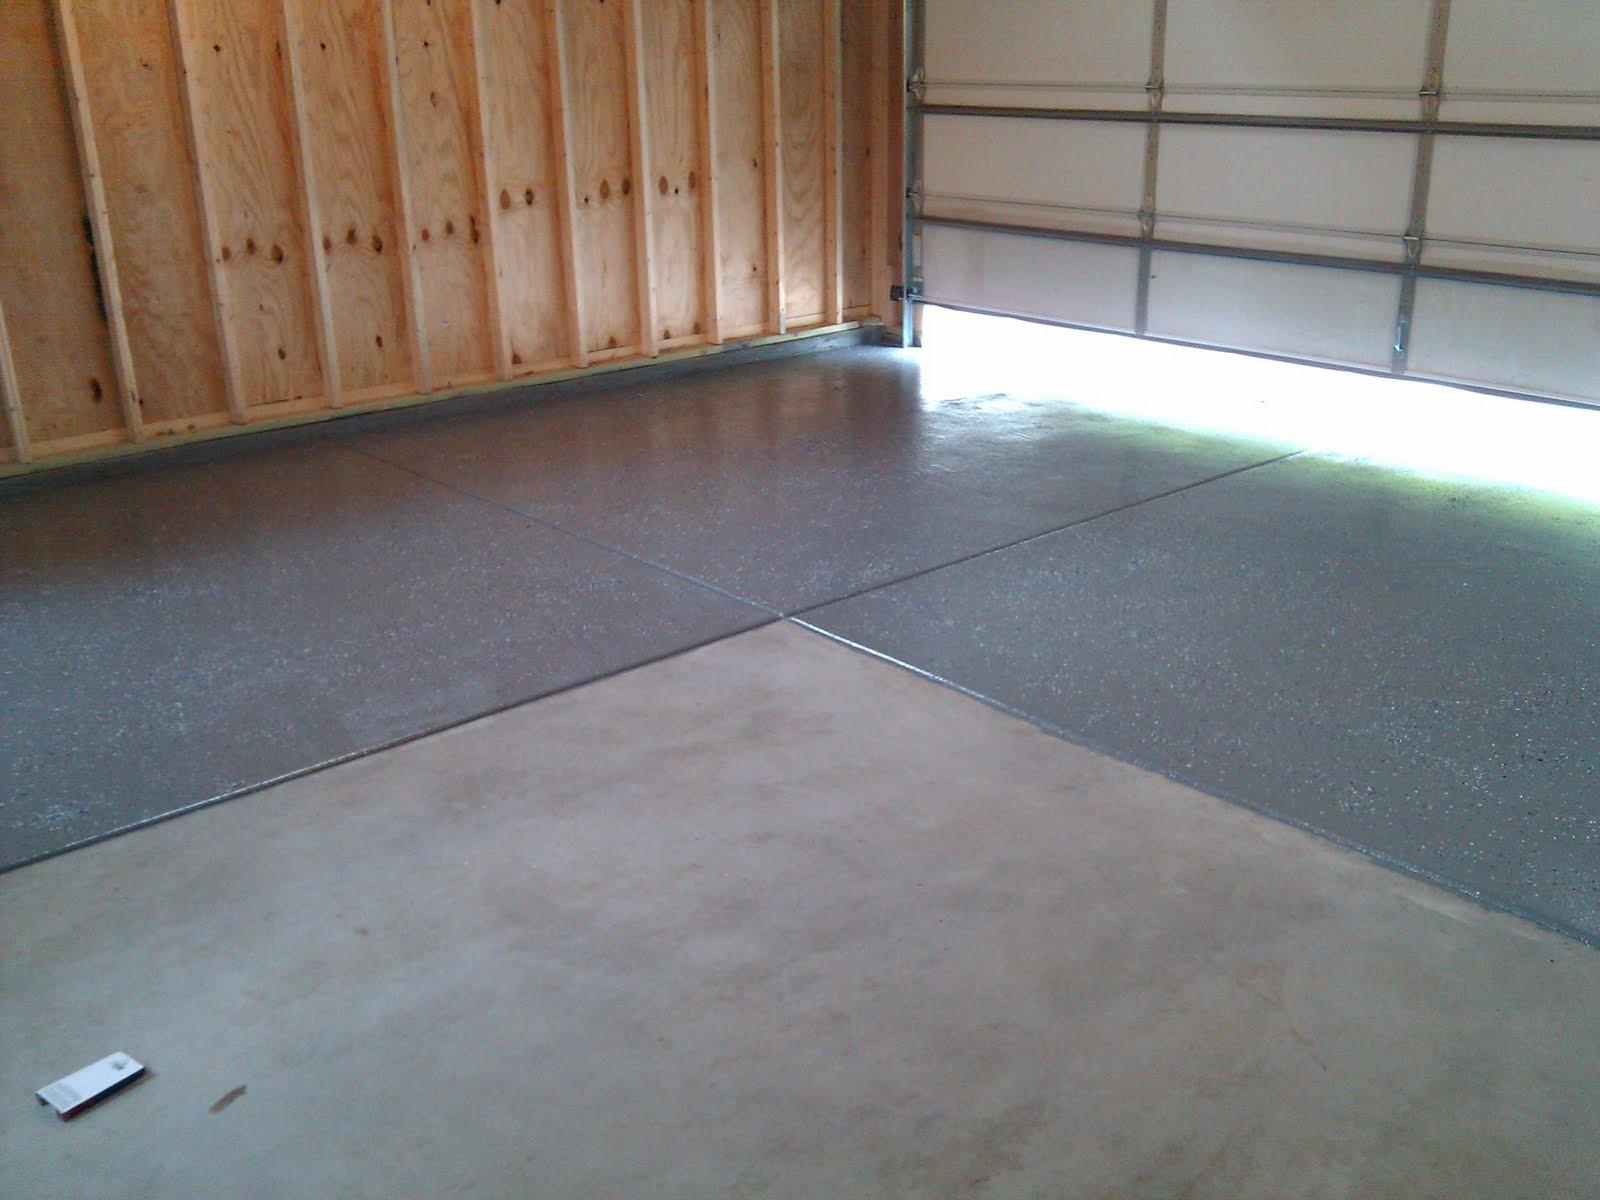 Best ideas about Best DIY Garage Floor Epoxy . Save or Pin Garage Floor DIY Epoxy Floor Kit from Rust oleum Now.